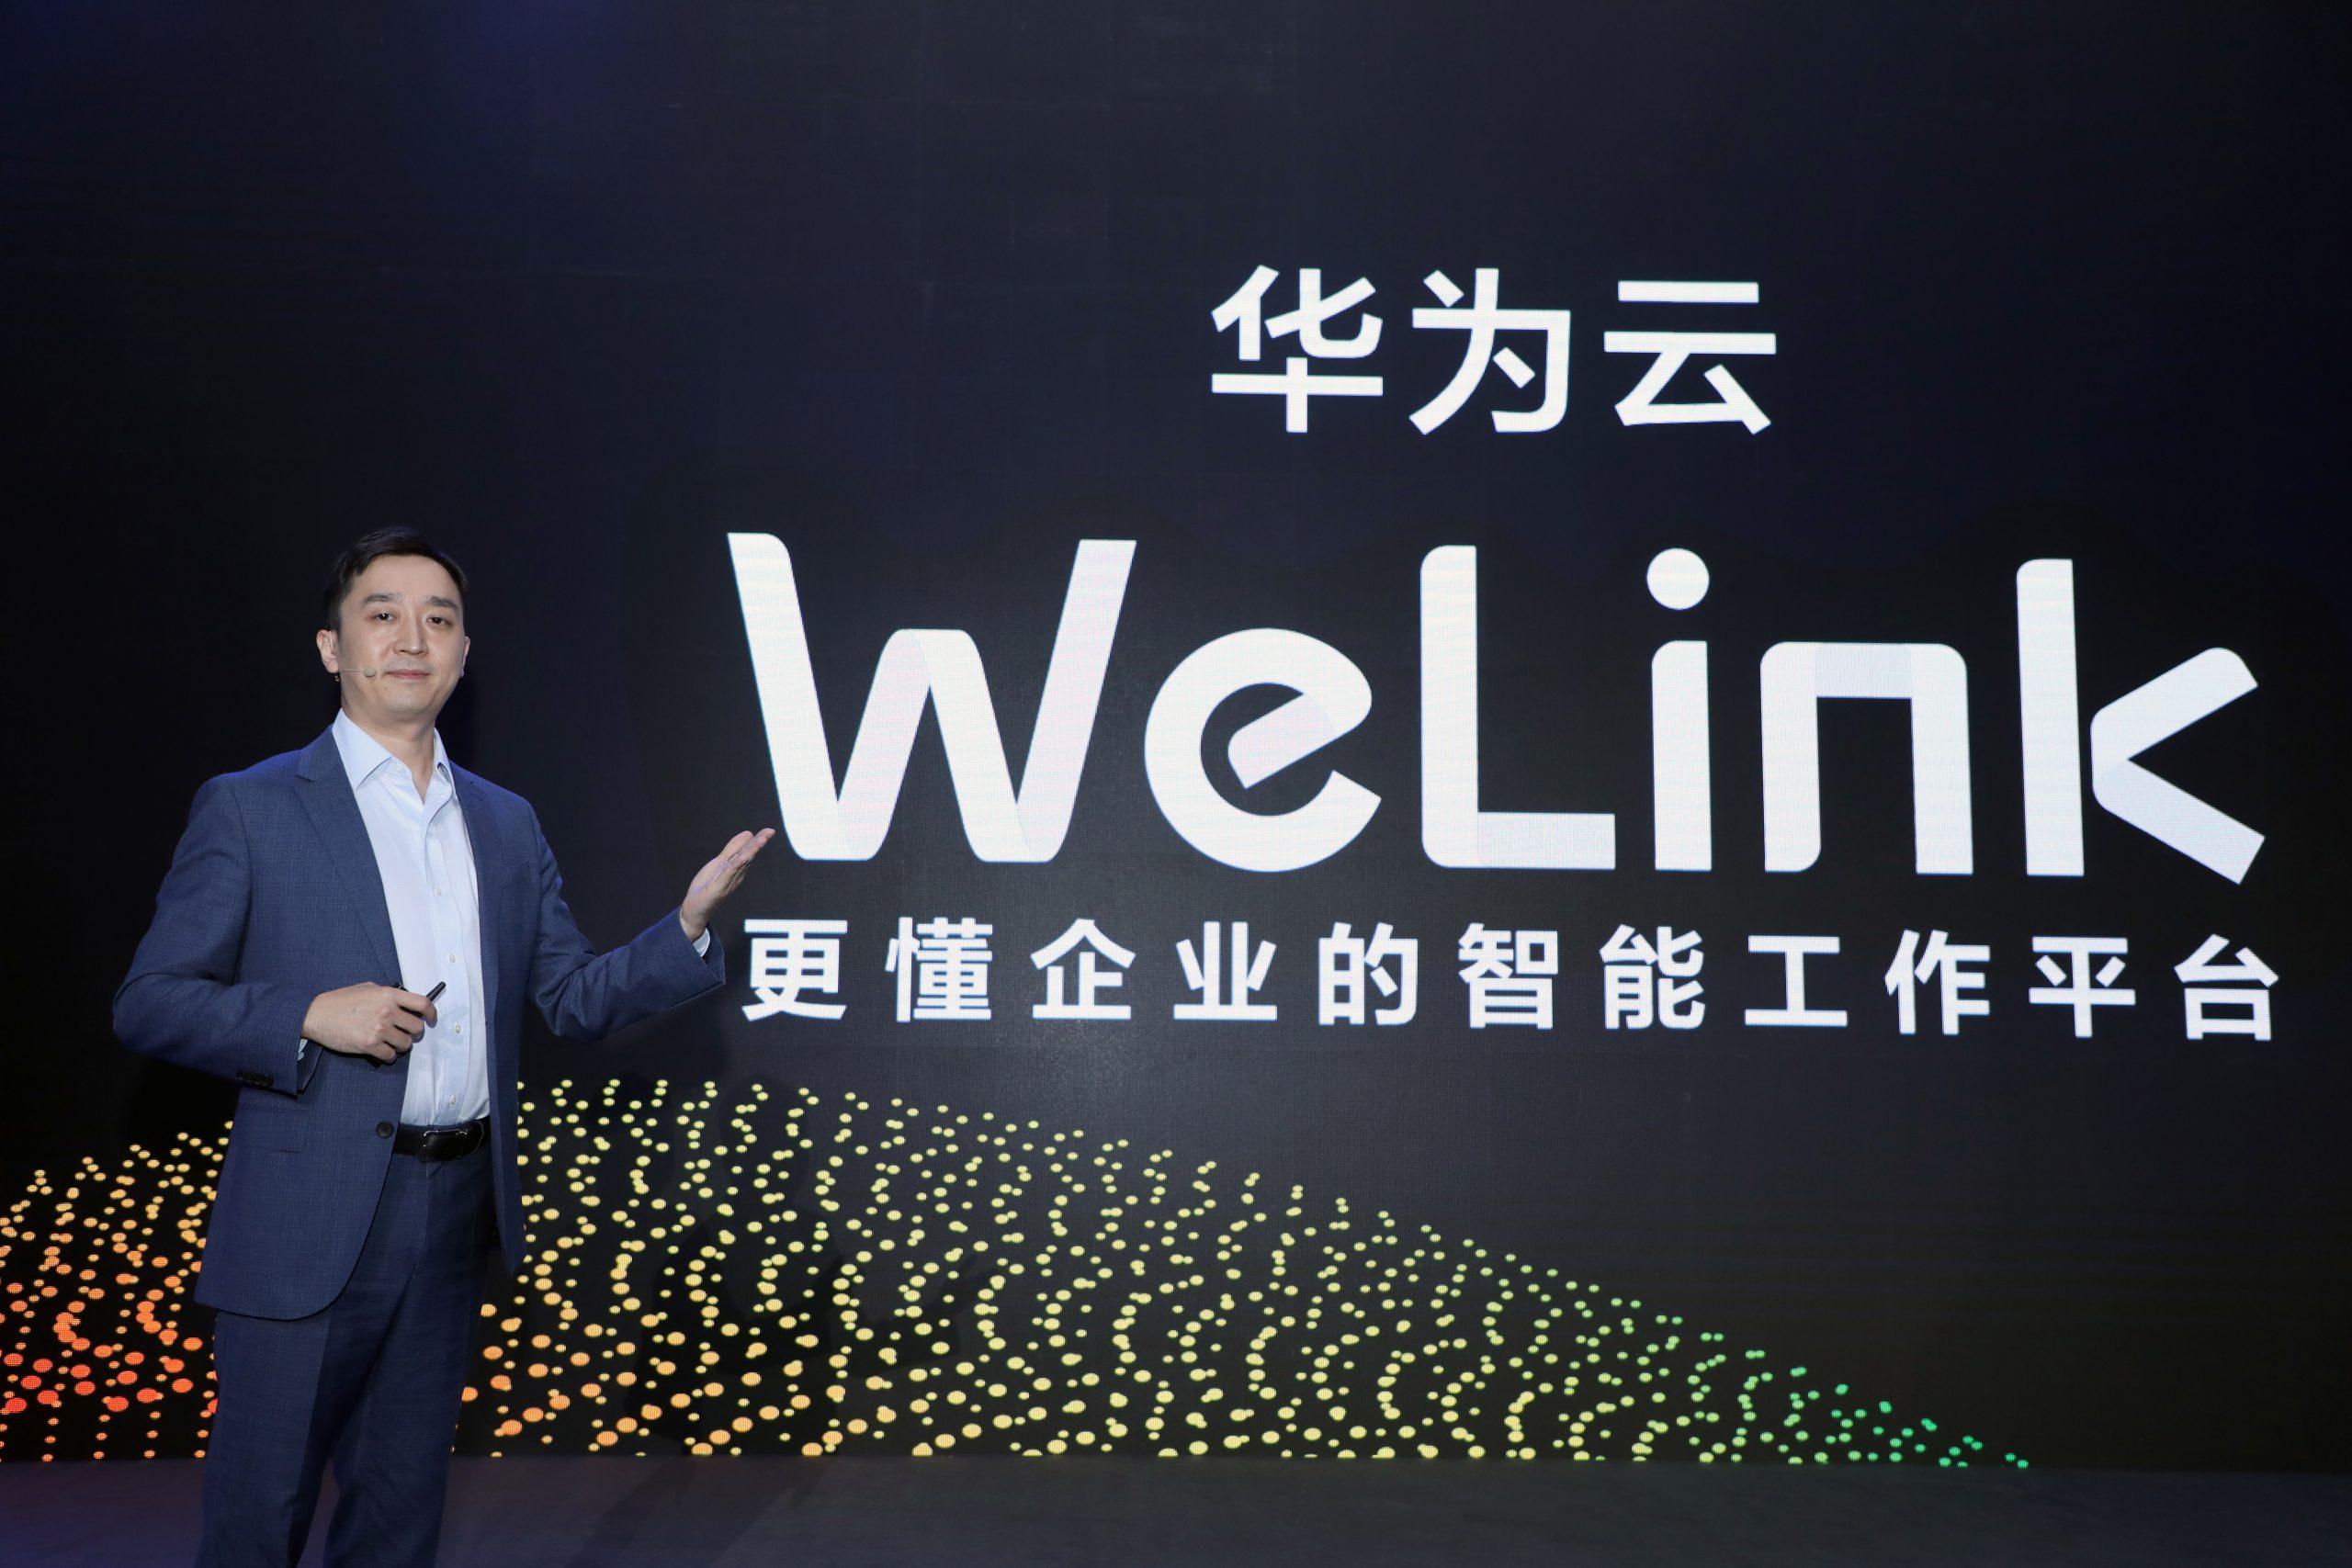 华为云WeLink正式发布,19万华为人都在使用的智能工作平台